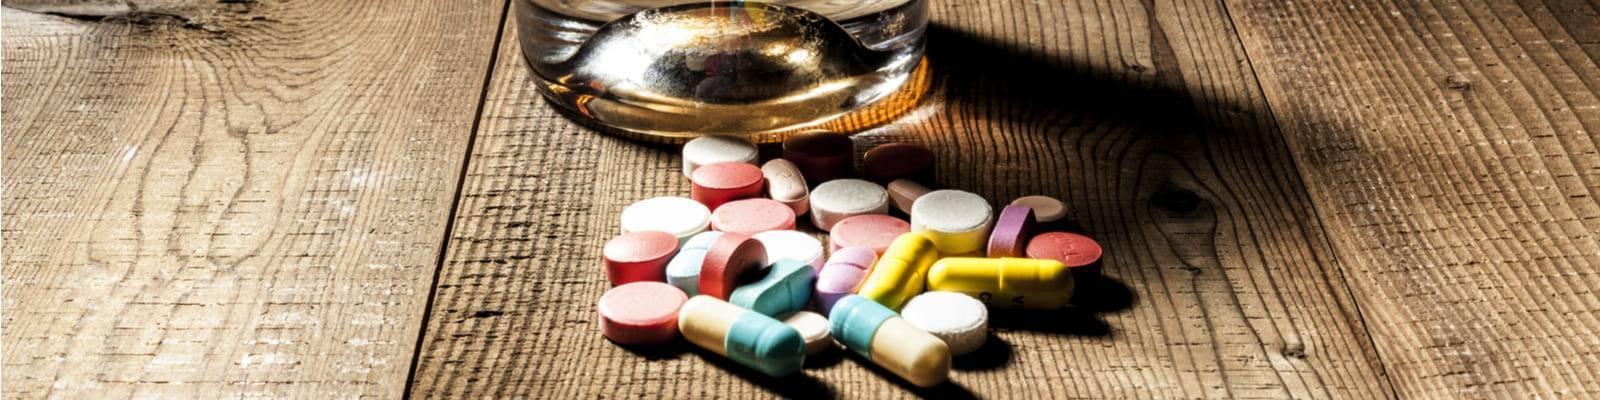 Совместимость антибиотиков между собой - таблица